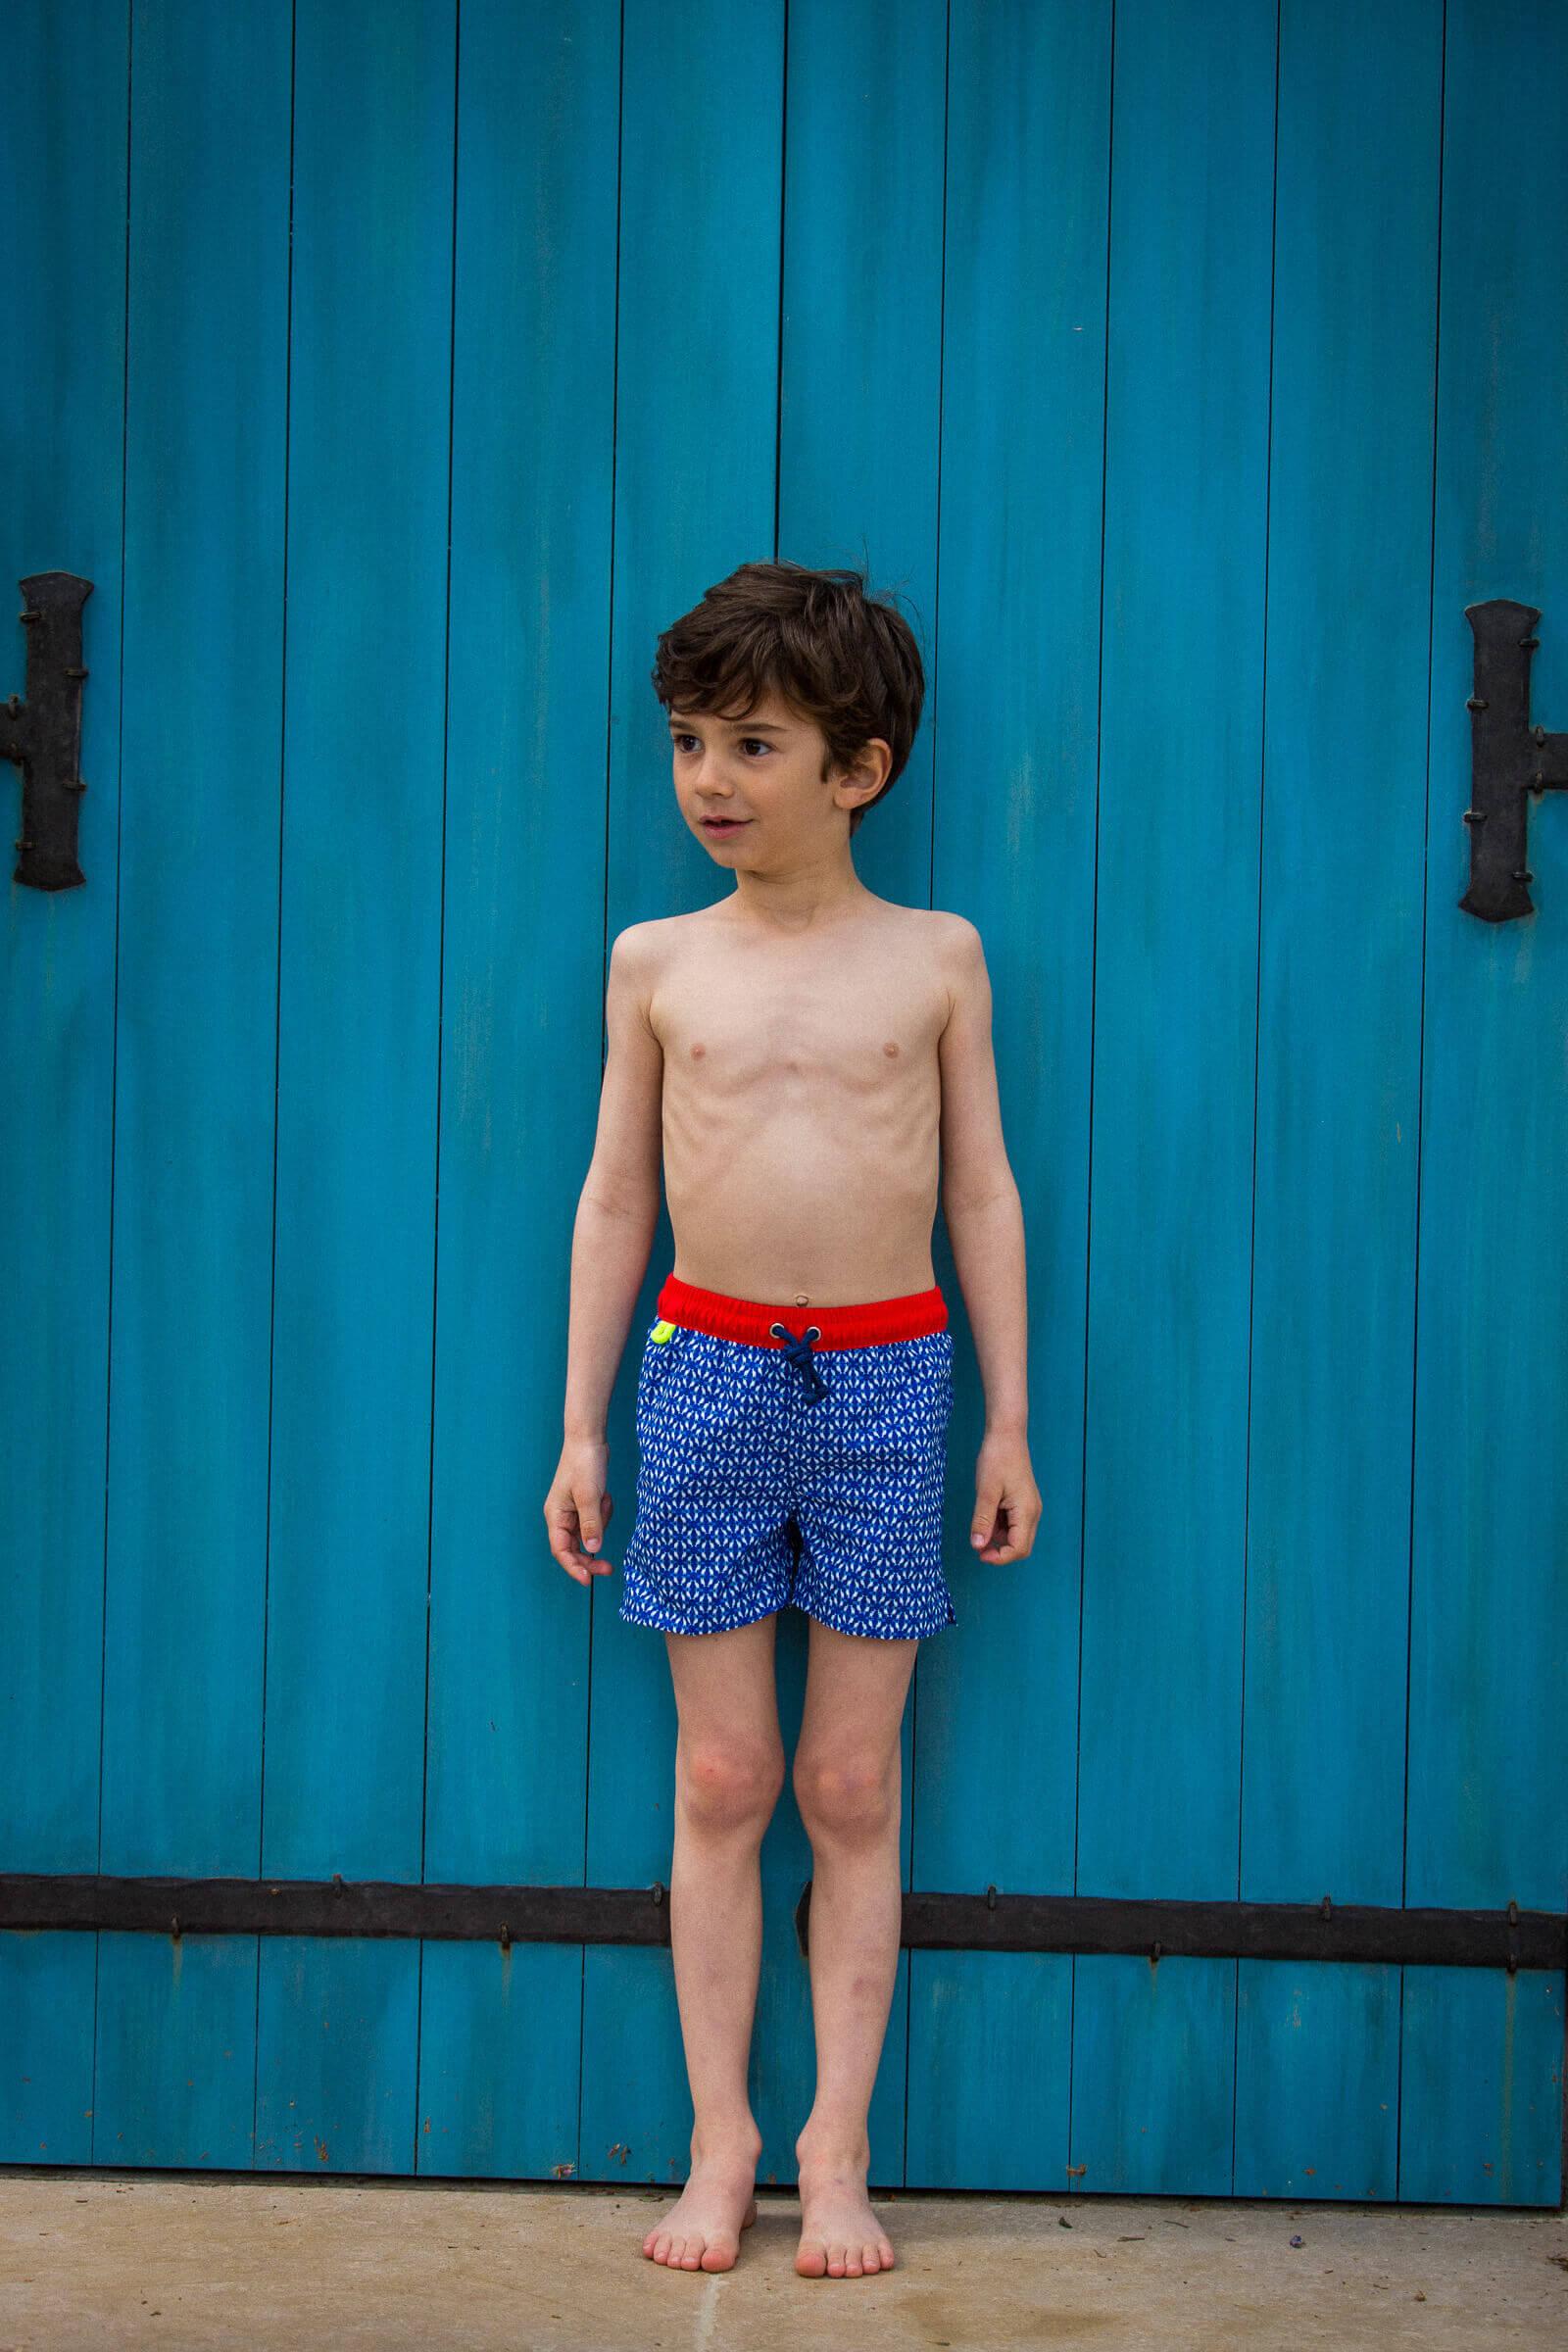 Boy wearing a Navy Kangaroos swimsuit